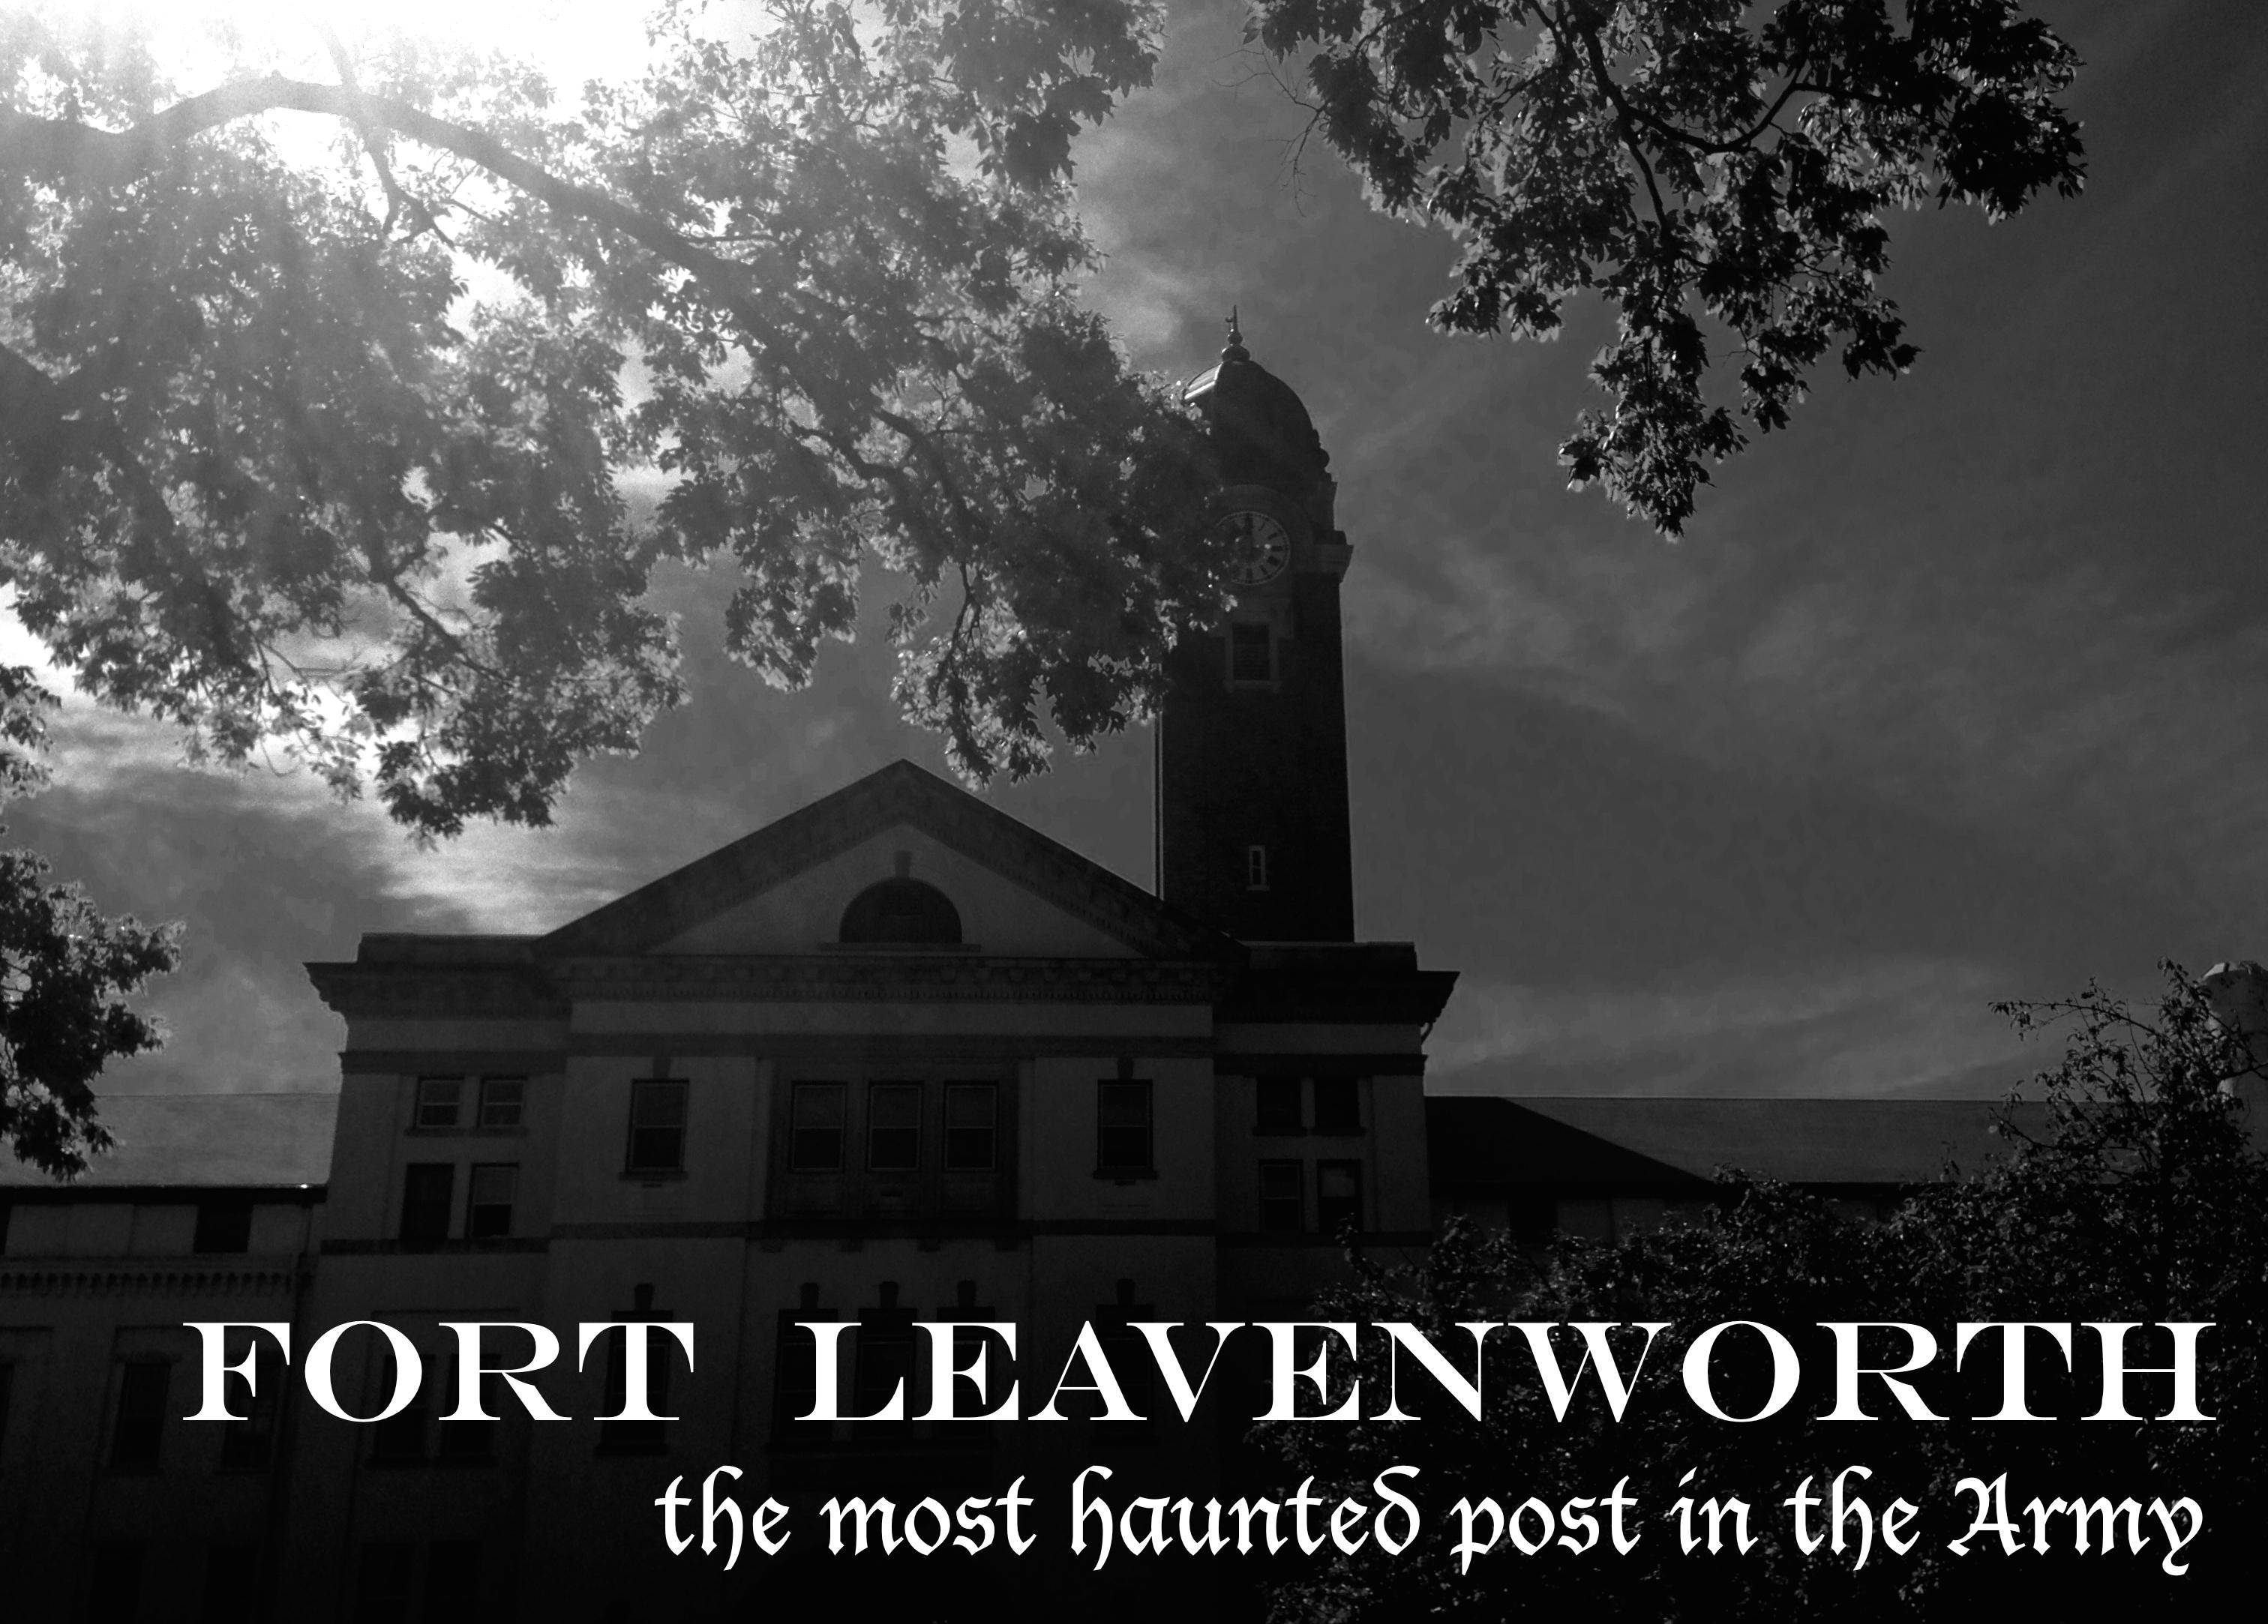 Fort Leavenworth Haunted Tour